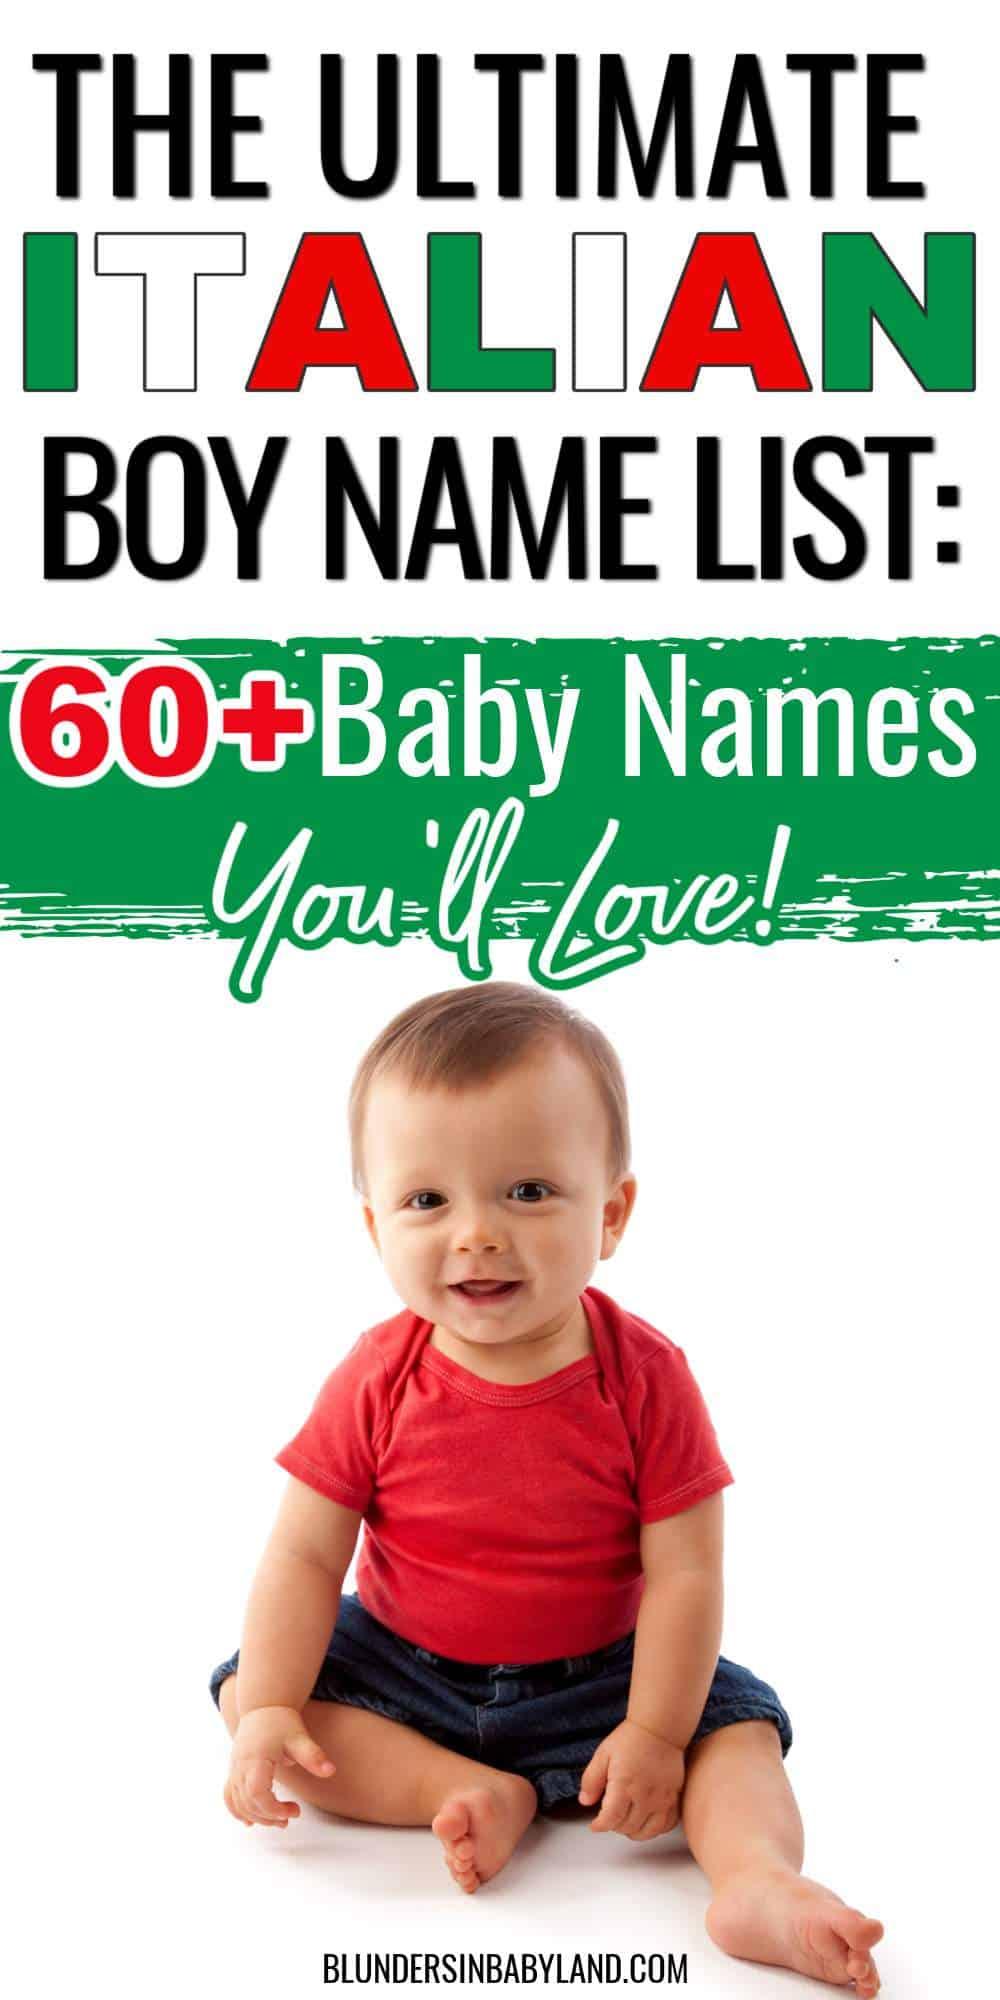 Italian Boy Name List - Italian Baby Names - Baby Names from Italy - Italian Names for Boys